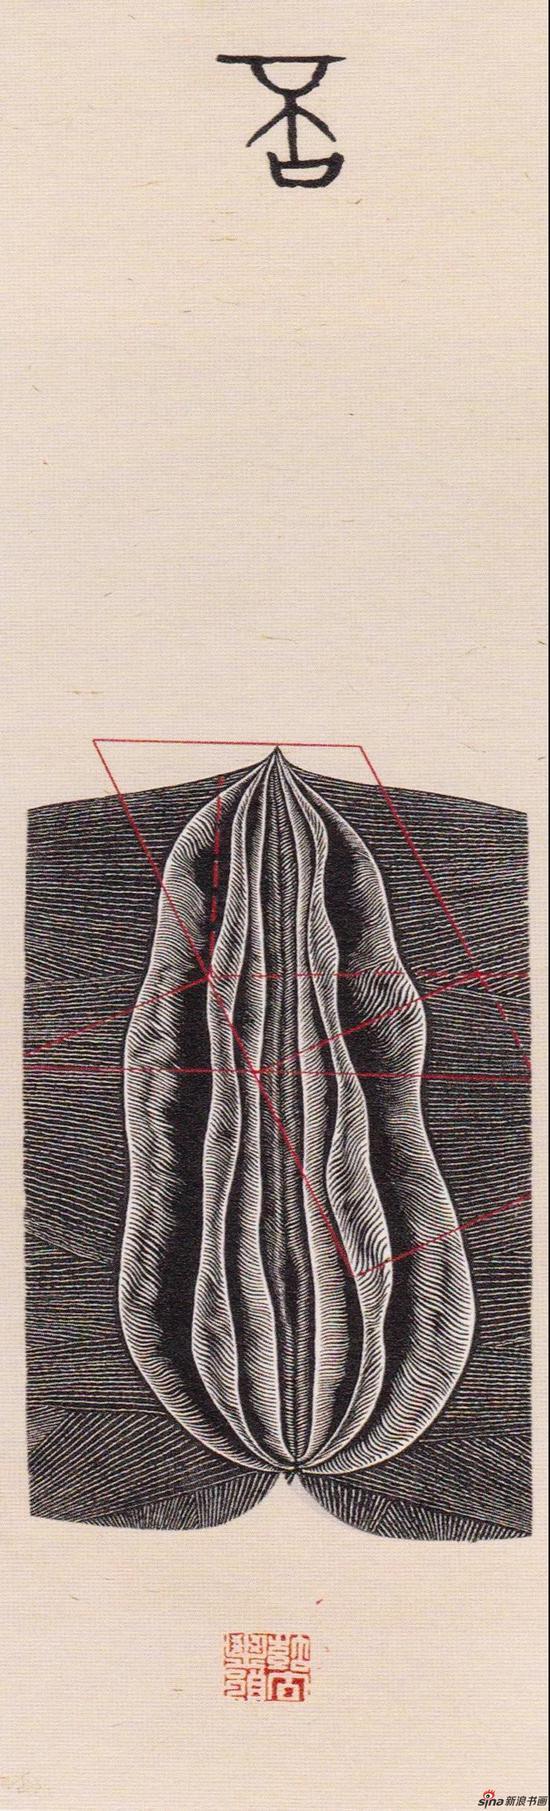 《只是为了爱》,2000年,120*30cm,综合材料